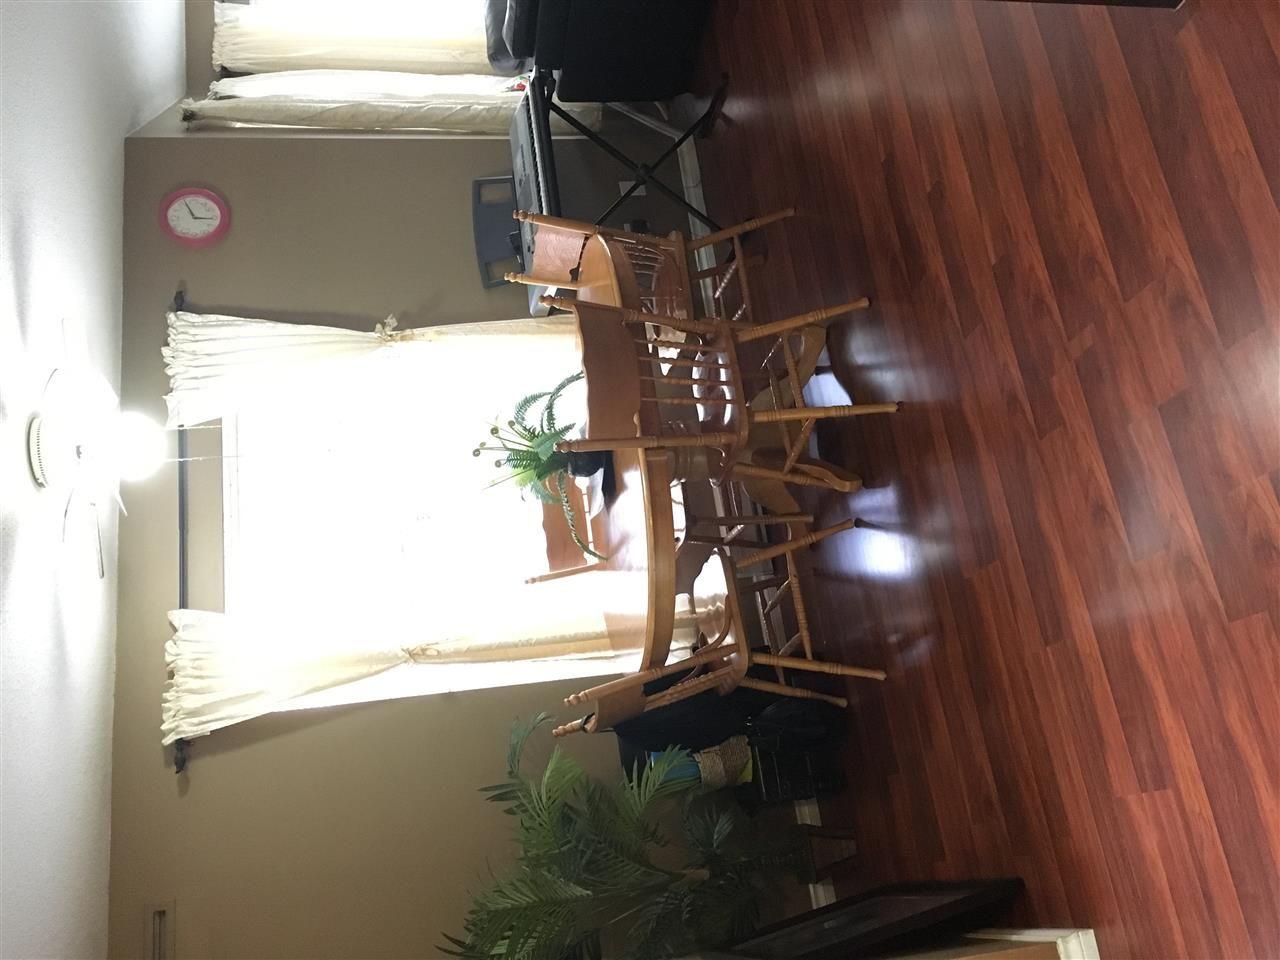 Photo 8: Photos: 106 15150 108TH AVENUE in Surrey: Bolivar Heights Condo for sale (North Surrey)  : MLS®# R2148396